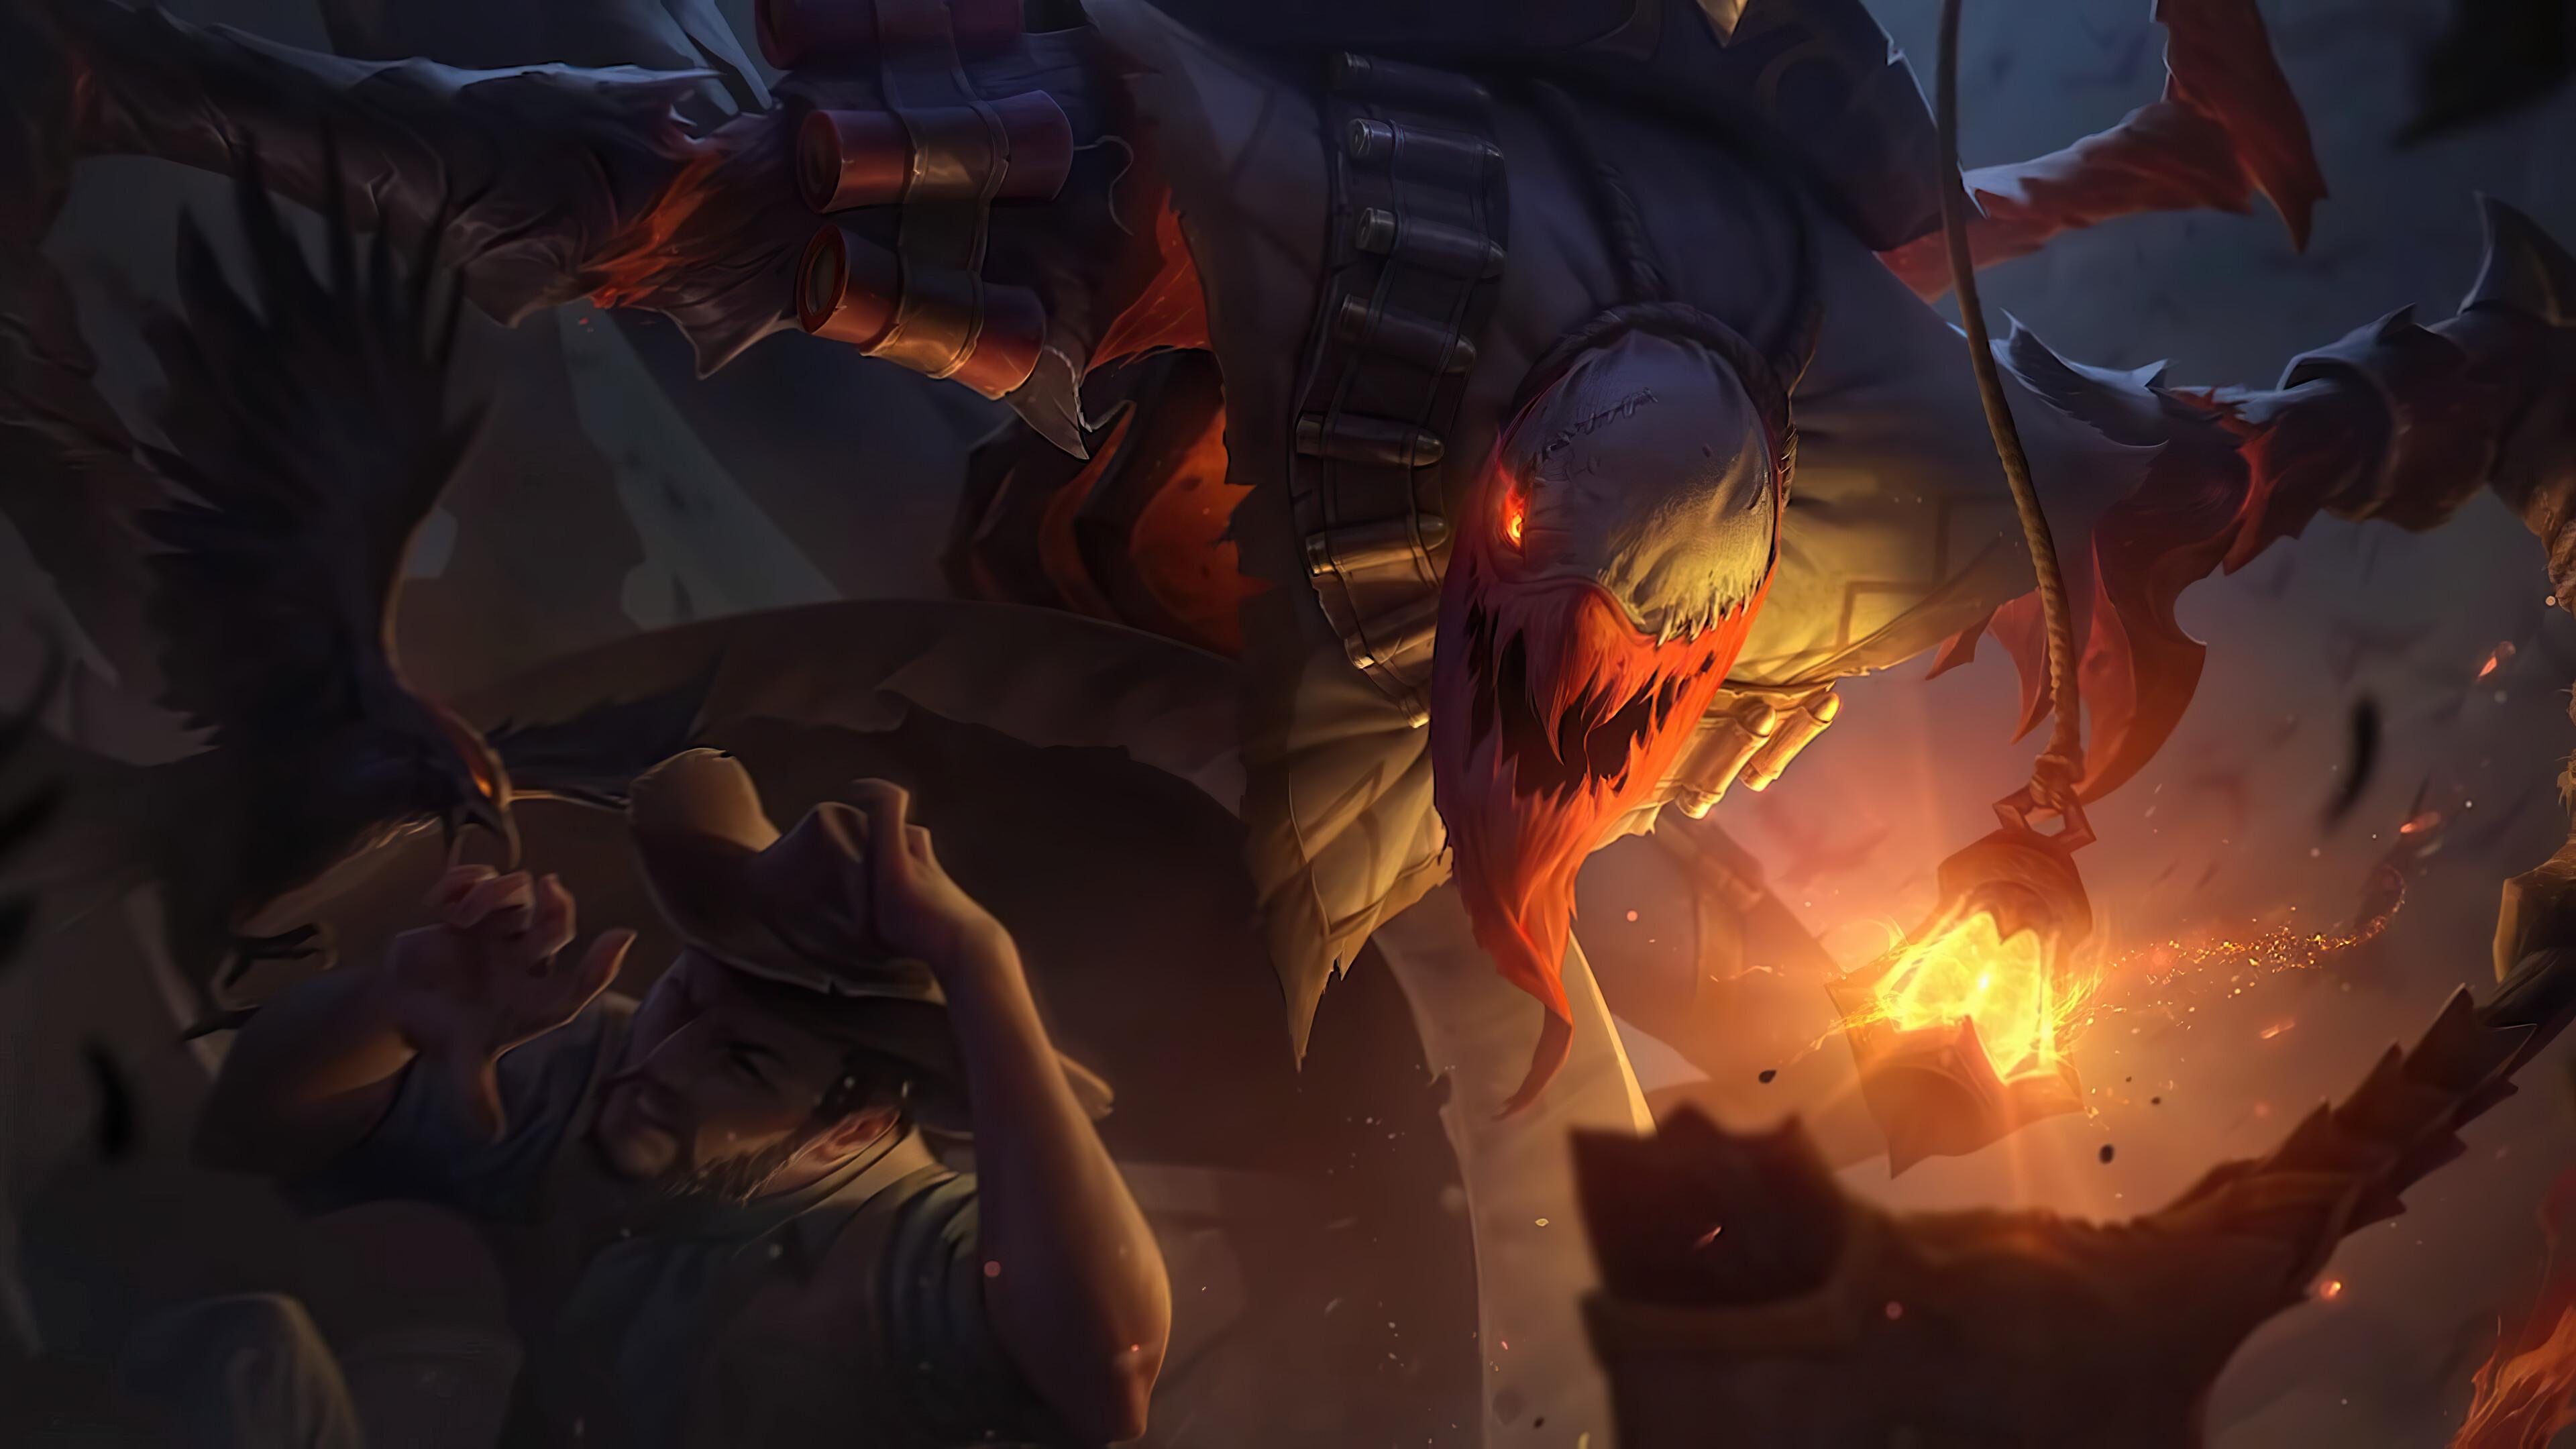 Wallpaper Fiddlesticks League Of Legends Riot Games Pumpkin